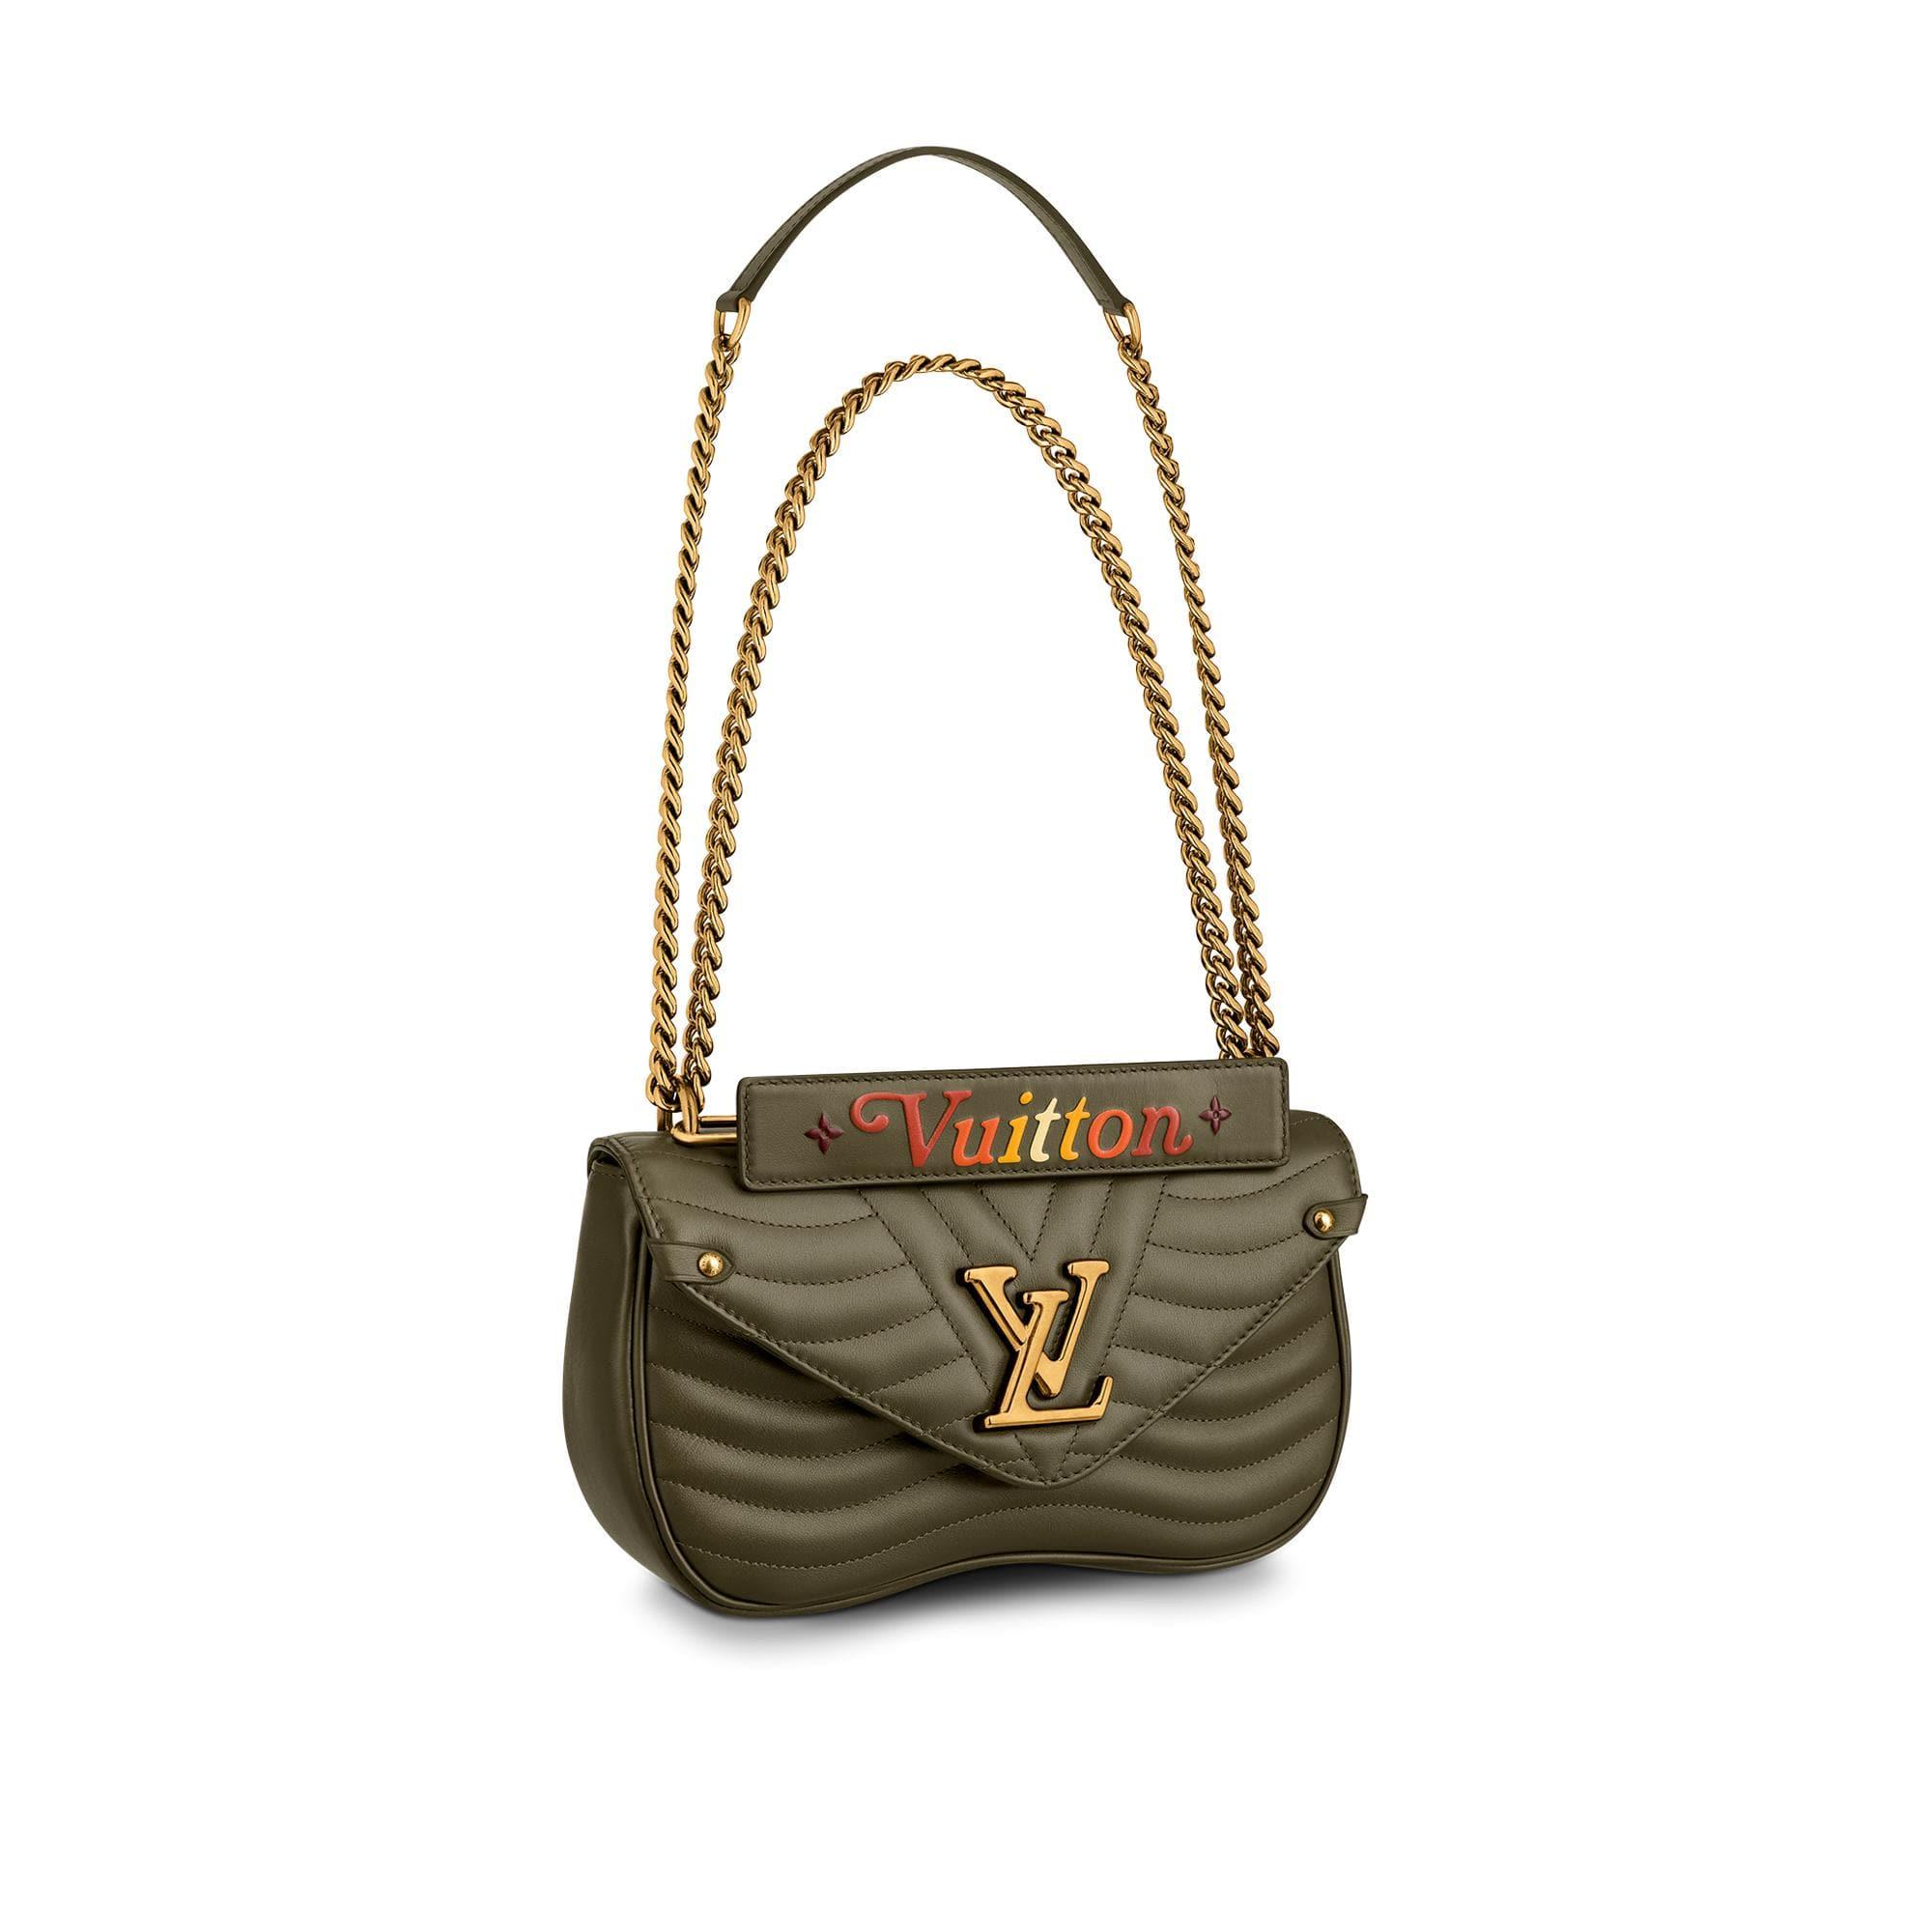 유럽직배송 루이비통 LOUIS VUITTON Louis Vuitton New Wave Chain Bag MM M55383